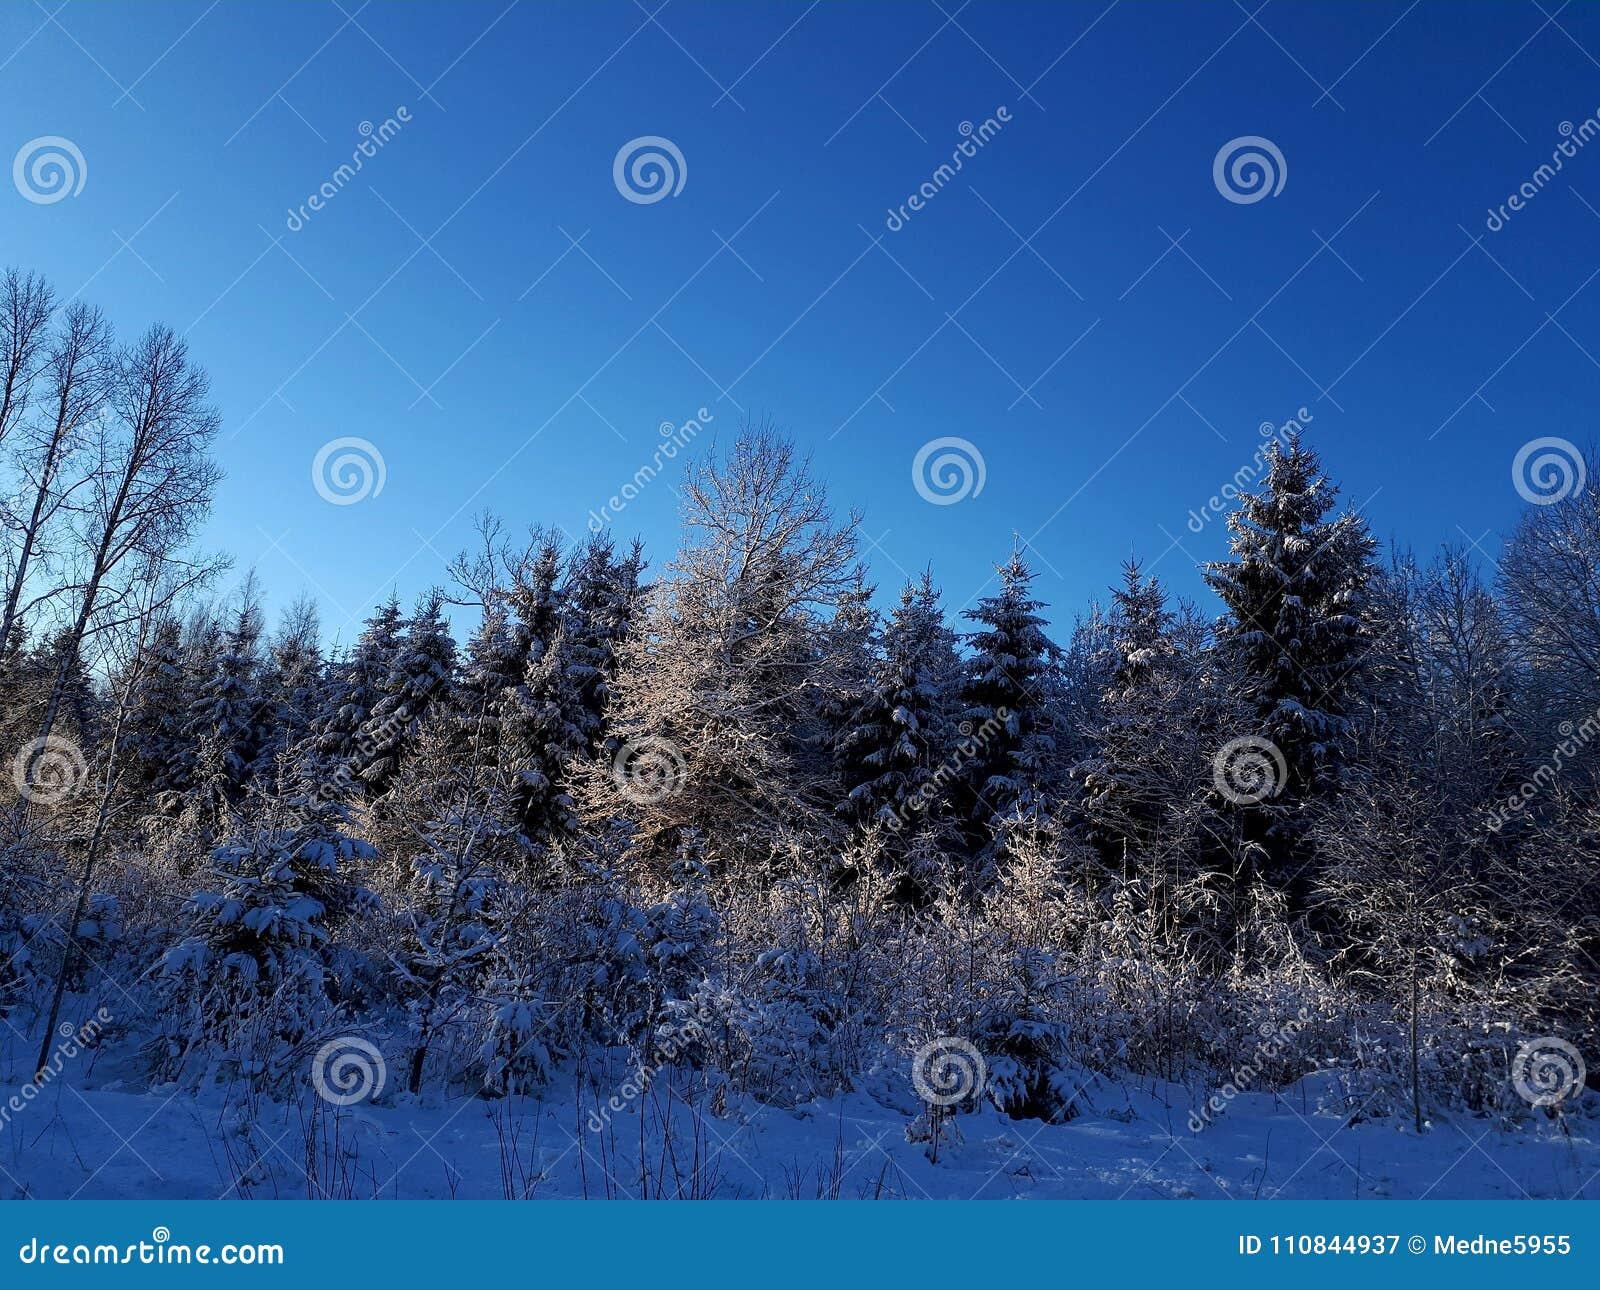 Winter wonderland countryside peace beautiful